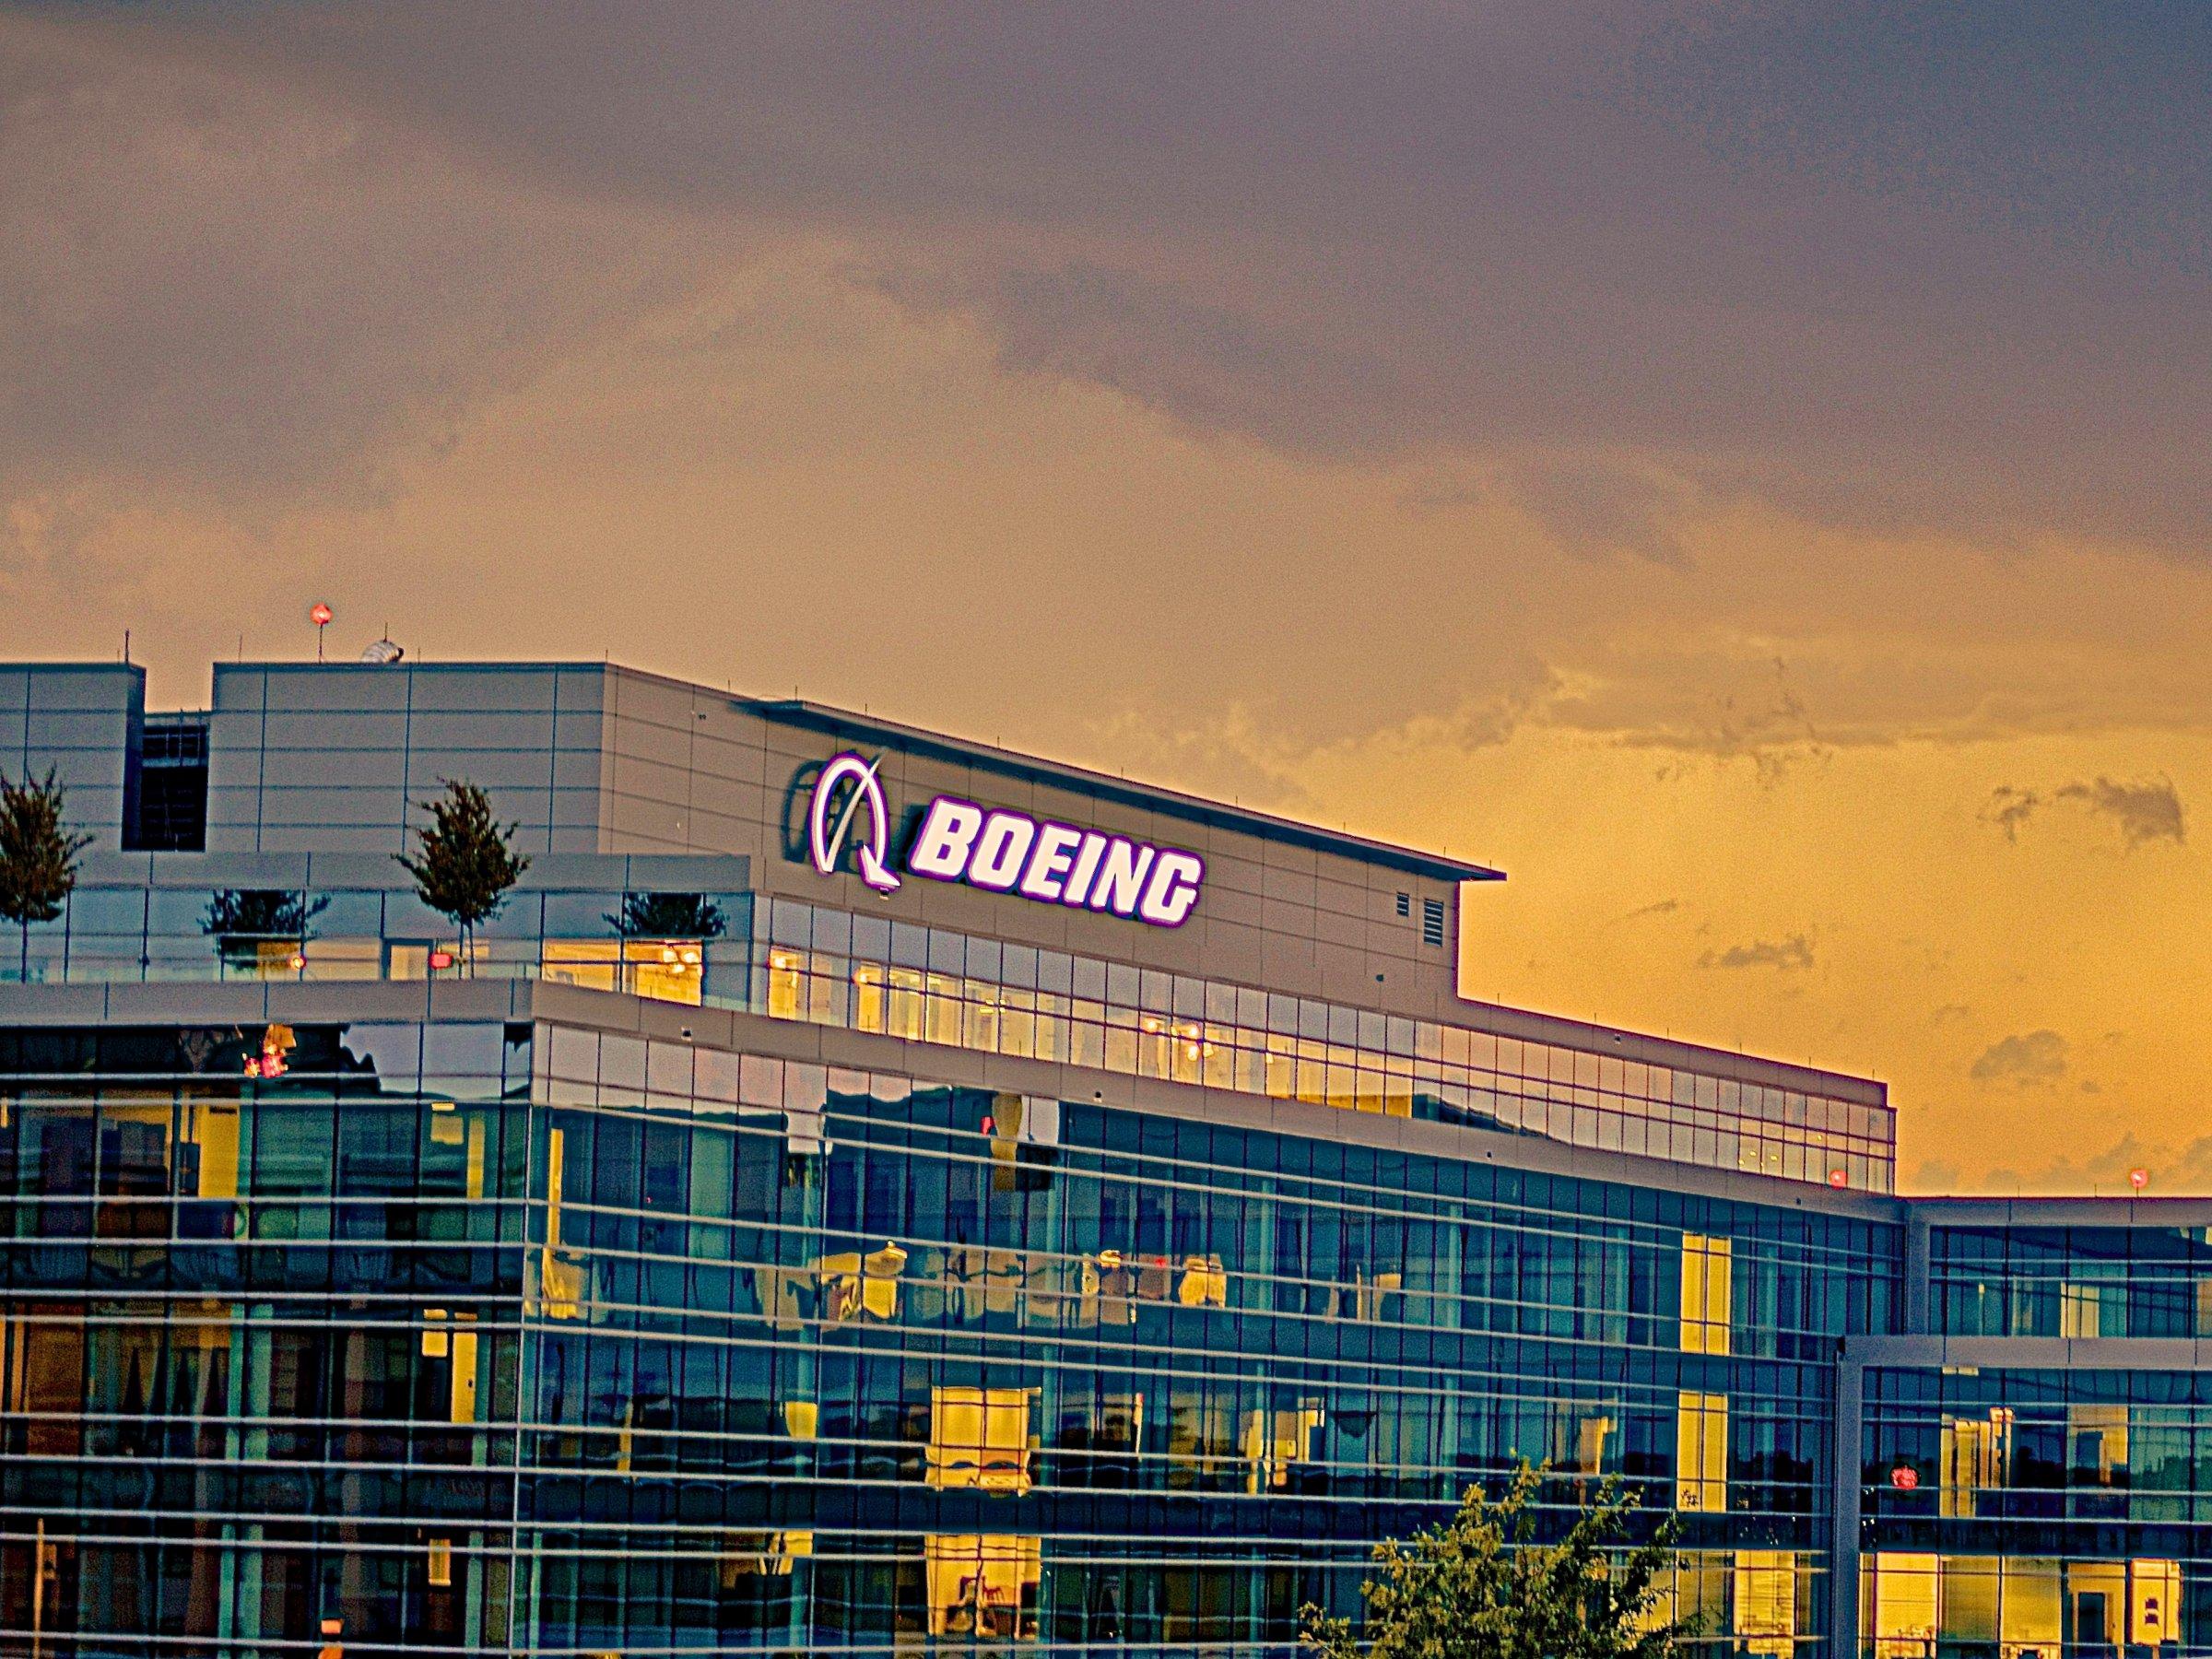 Тучи сгущаются. Нависла реальная угроза разорения корпорации Boeing, Туристам Коломны, США стоит ли ехать самолёт Россия ОАЭ Новая Зеландия Китай Америка